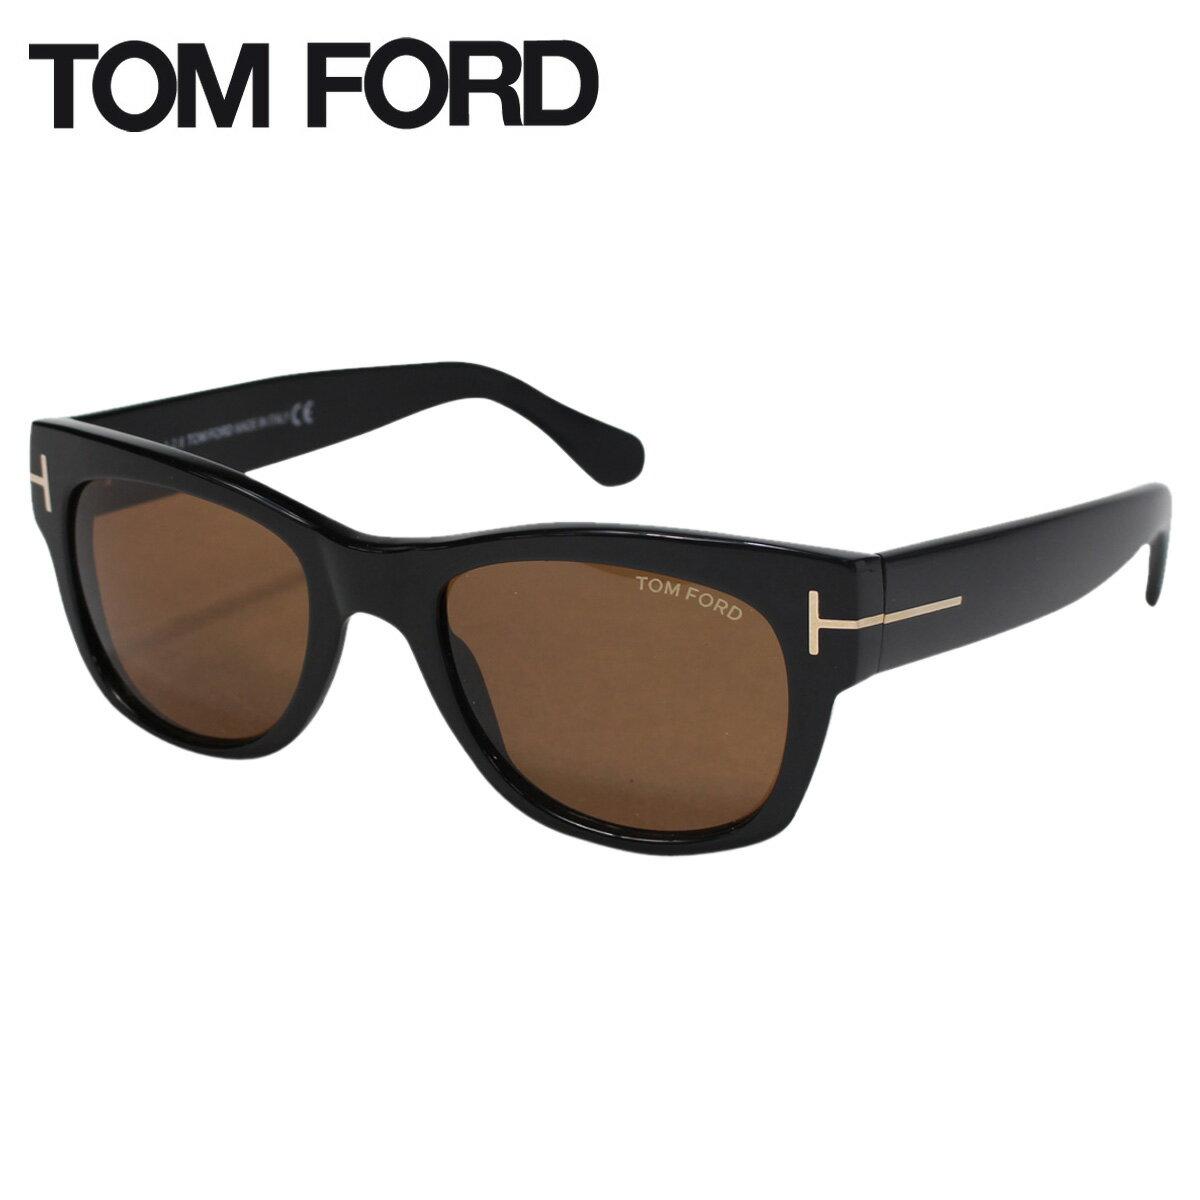 TOM FORD サングラス メンズ レディース トムフォード アイウェア FT0058 CARY ウェリントン SUNGLASSES イタリア製 [176]